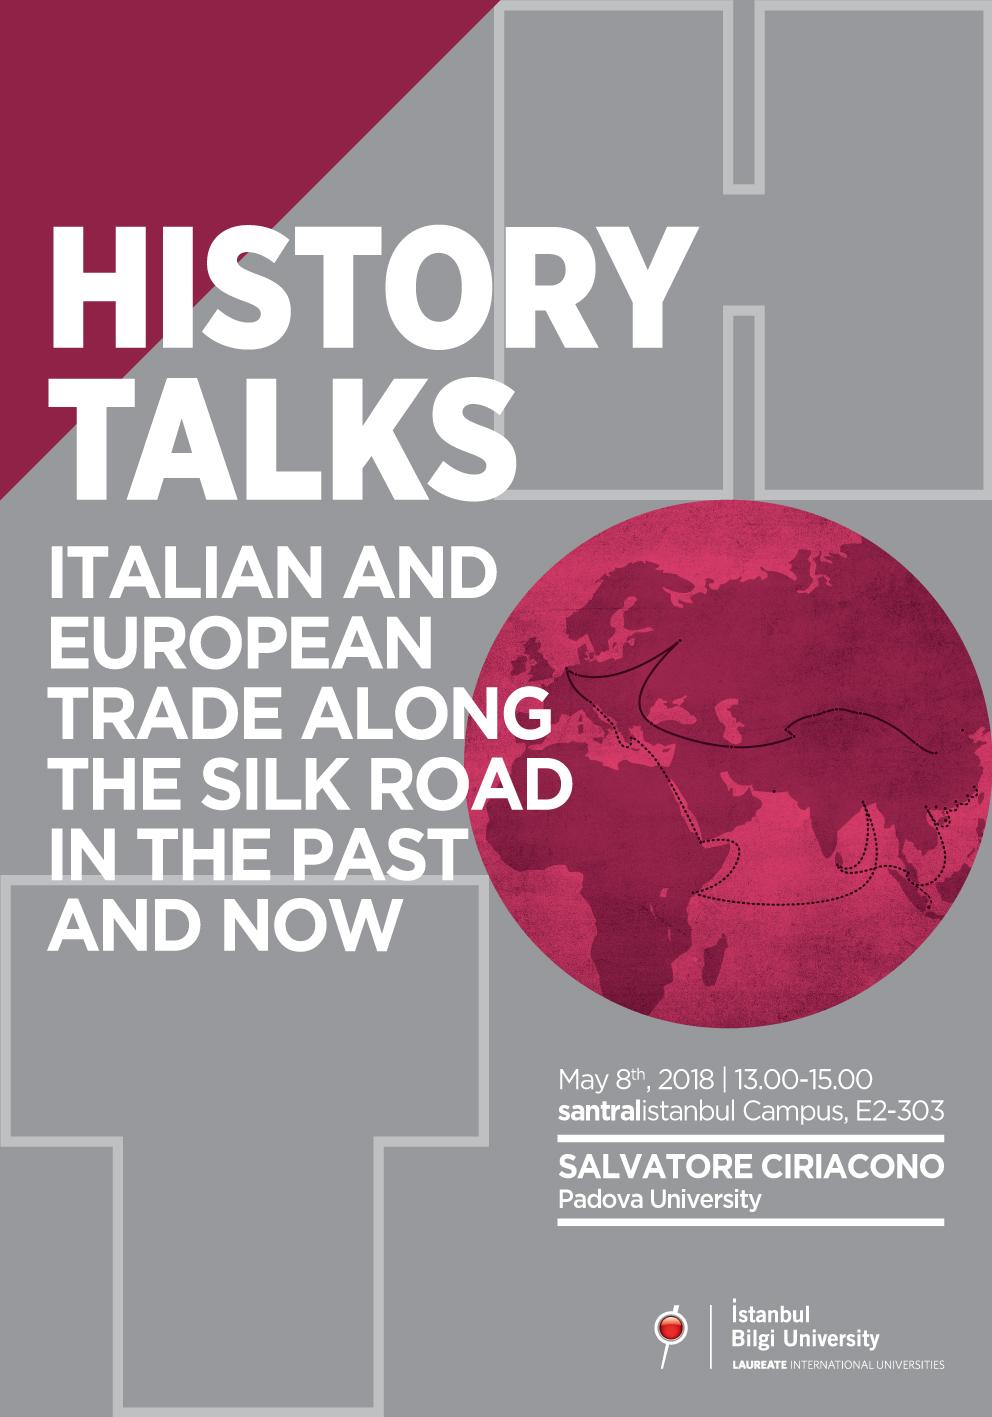 History Talks: Italian and European Trade along the Silk